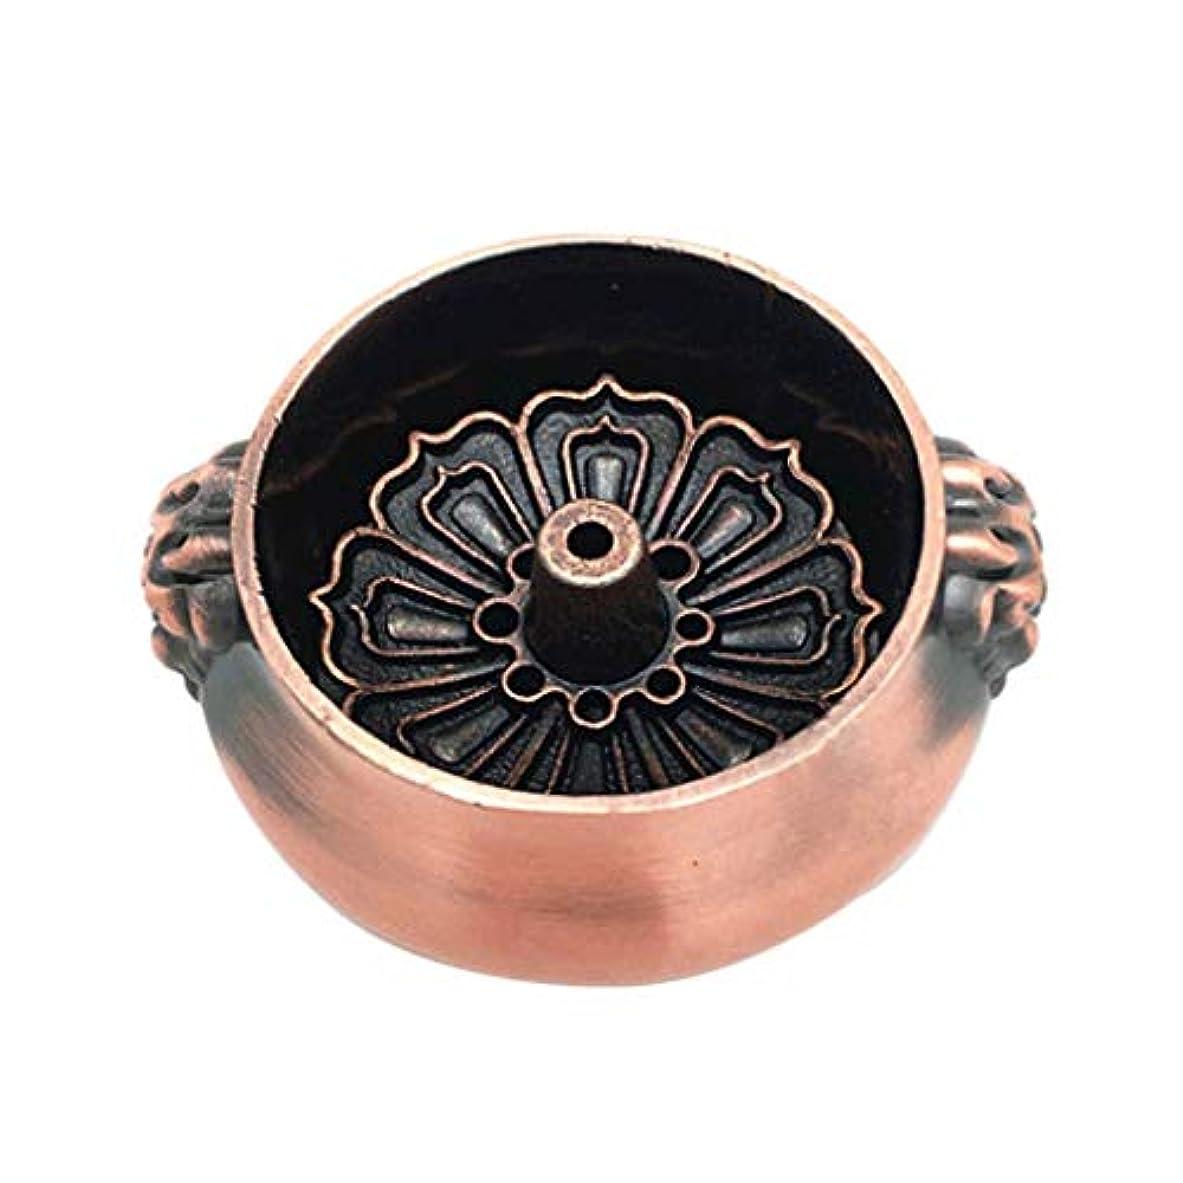 思慮深いいわゆるレールアンティーク合金銅香バーナースティックライン香コイルロータス形状香クリエイティブホームデコレーション香ホルダー (Color : Brass, サイズ : 2.36*1.06inchs)